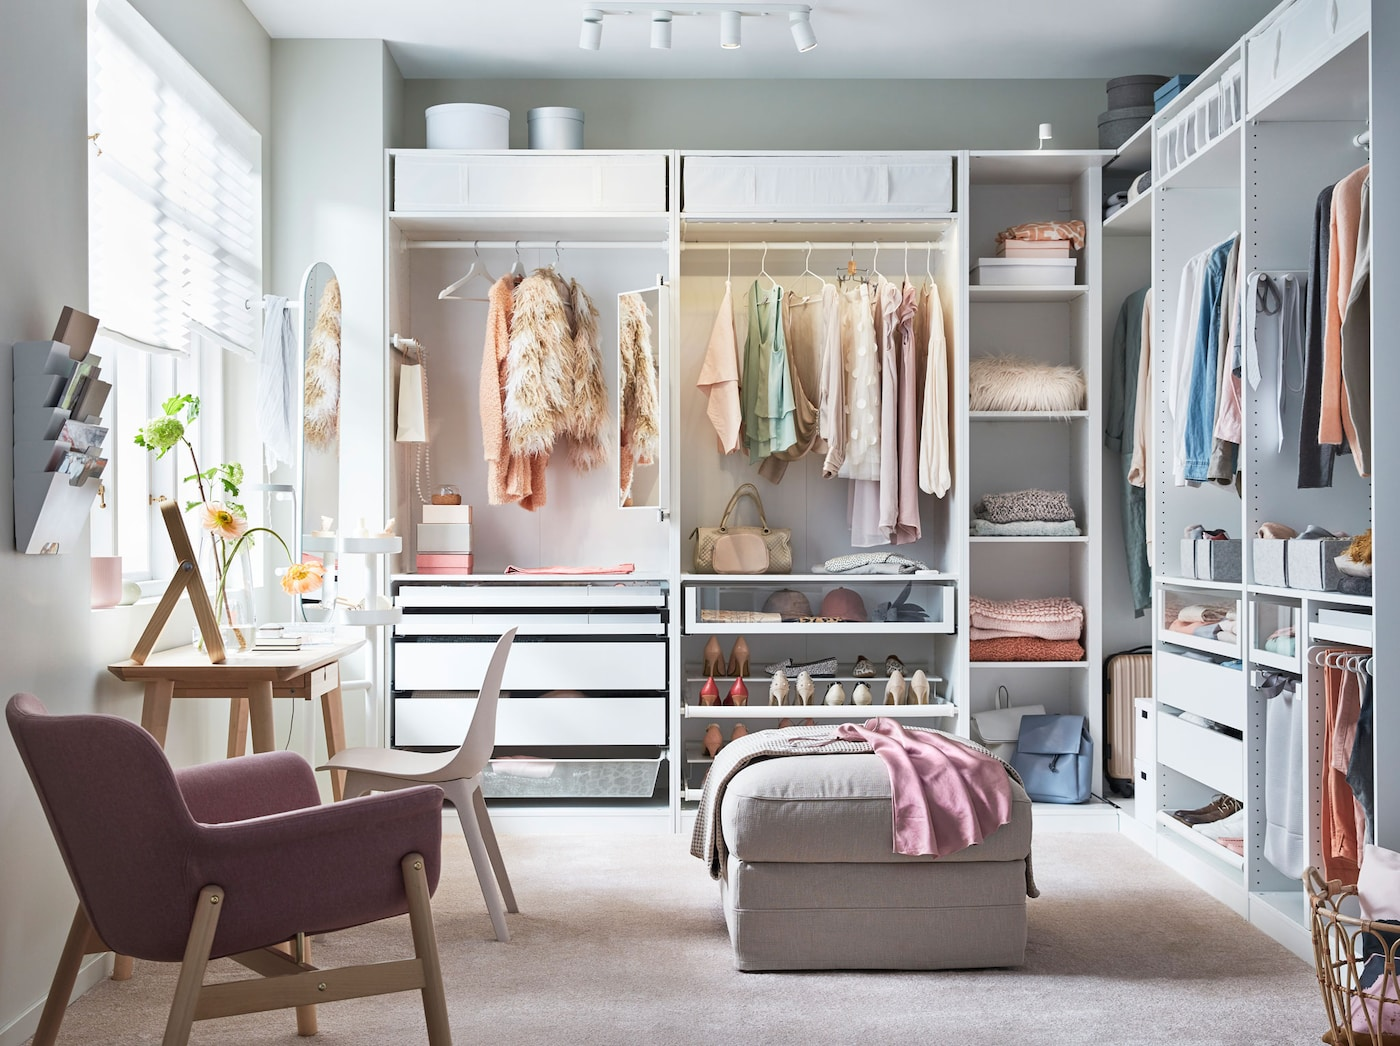 Full Size of Computerschrank Wohnzimmer Schlafzimmer Eckschrank Ikea Caseconradcom Deckenleuchte Lampe Led Hängeschrank Weiß Hochglanz Gardine Teppich Deckenleuchten Wohnzimmer Computerschrank Wohnzimmer